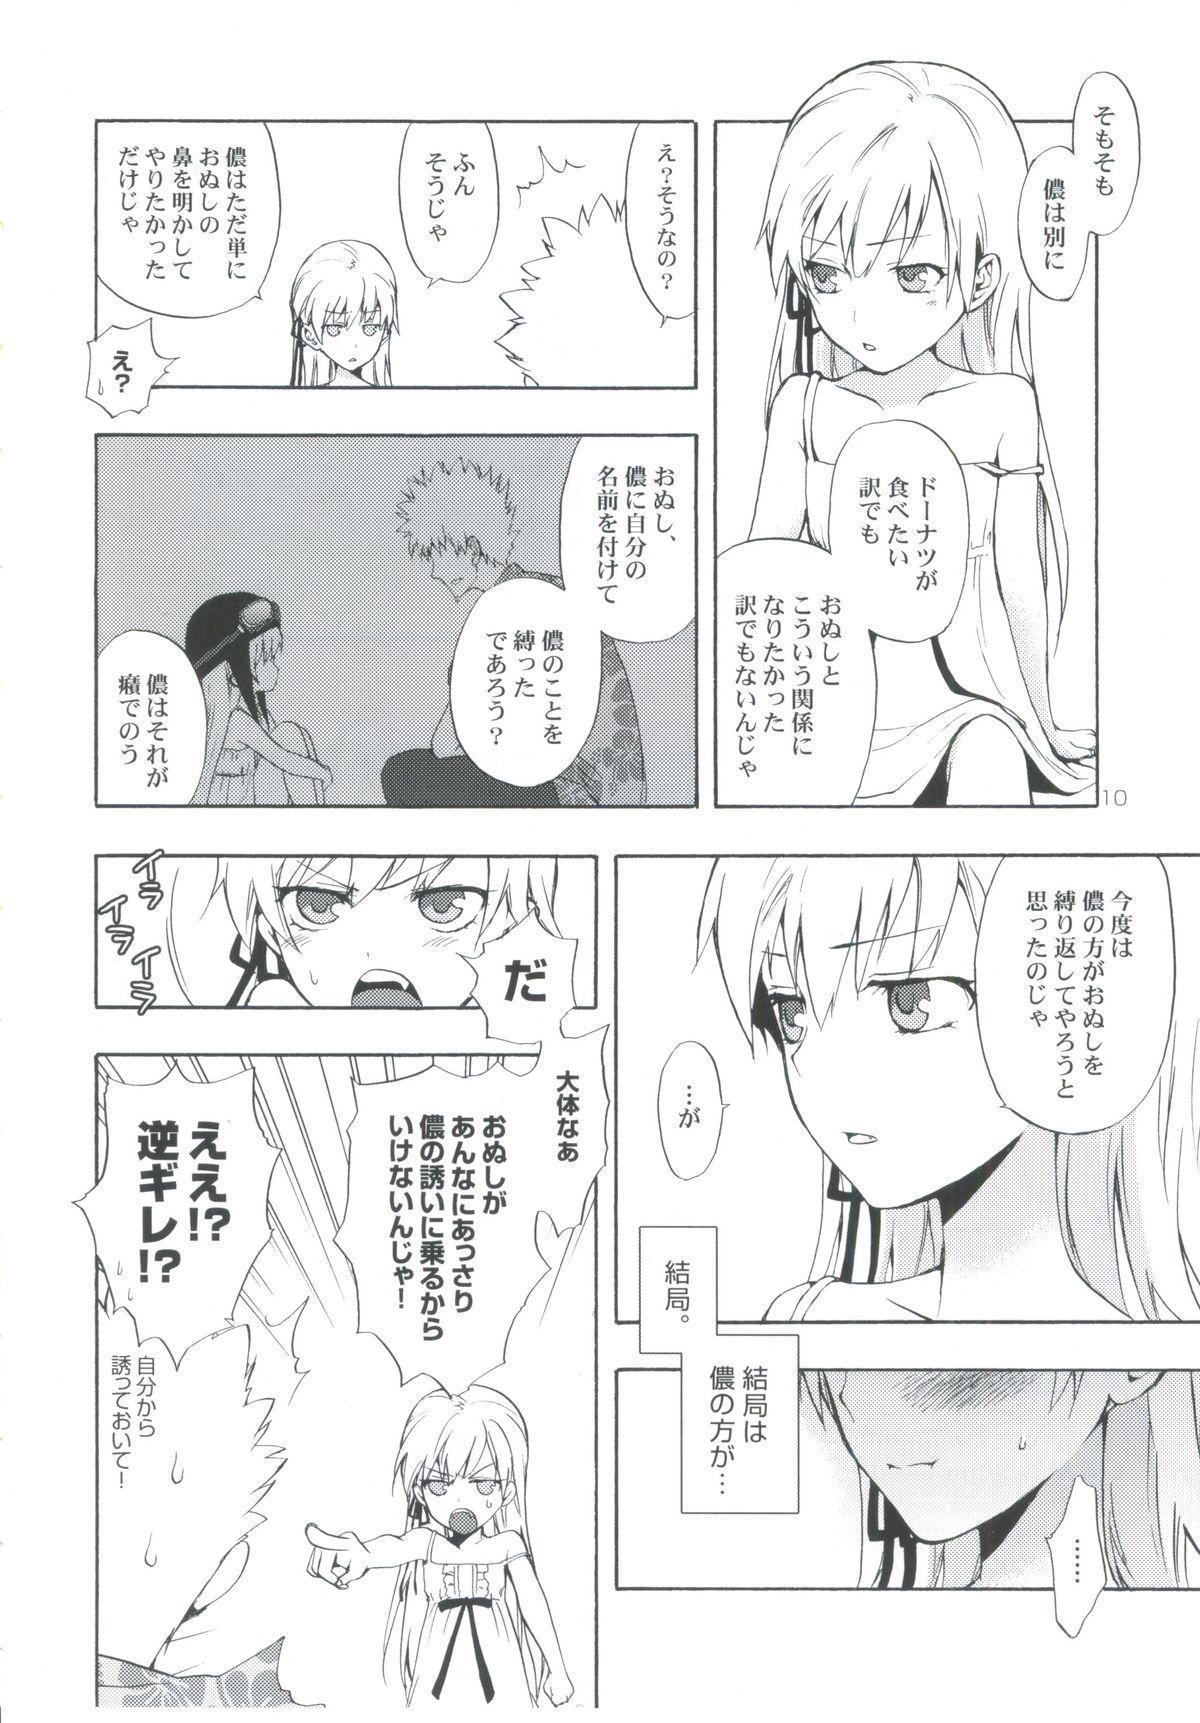 (SC48) [Aa Aishiteru (Taishow)] Oshino-san-chi no Shinobu-chan. Sono 3 (Bakemonogatari) 8